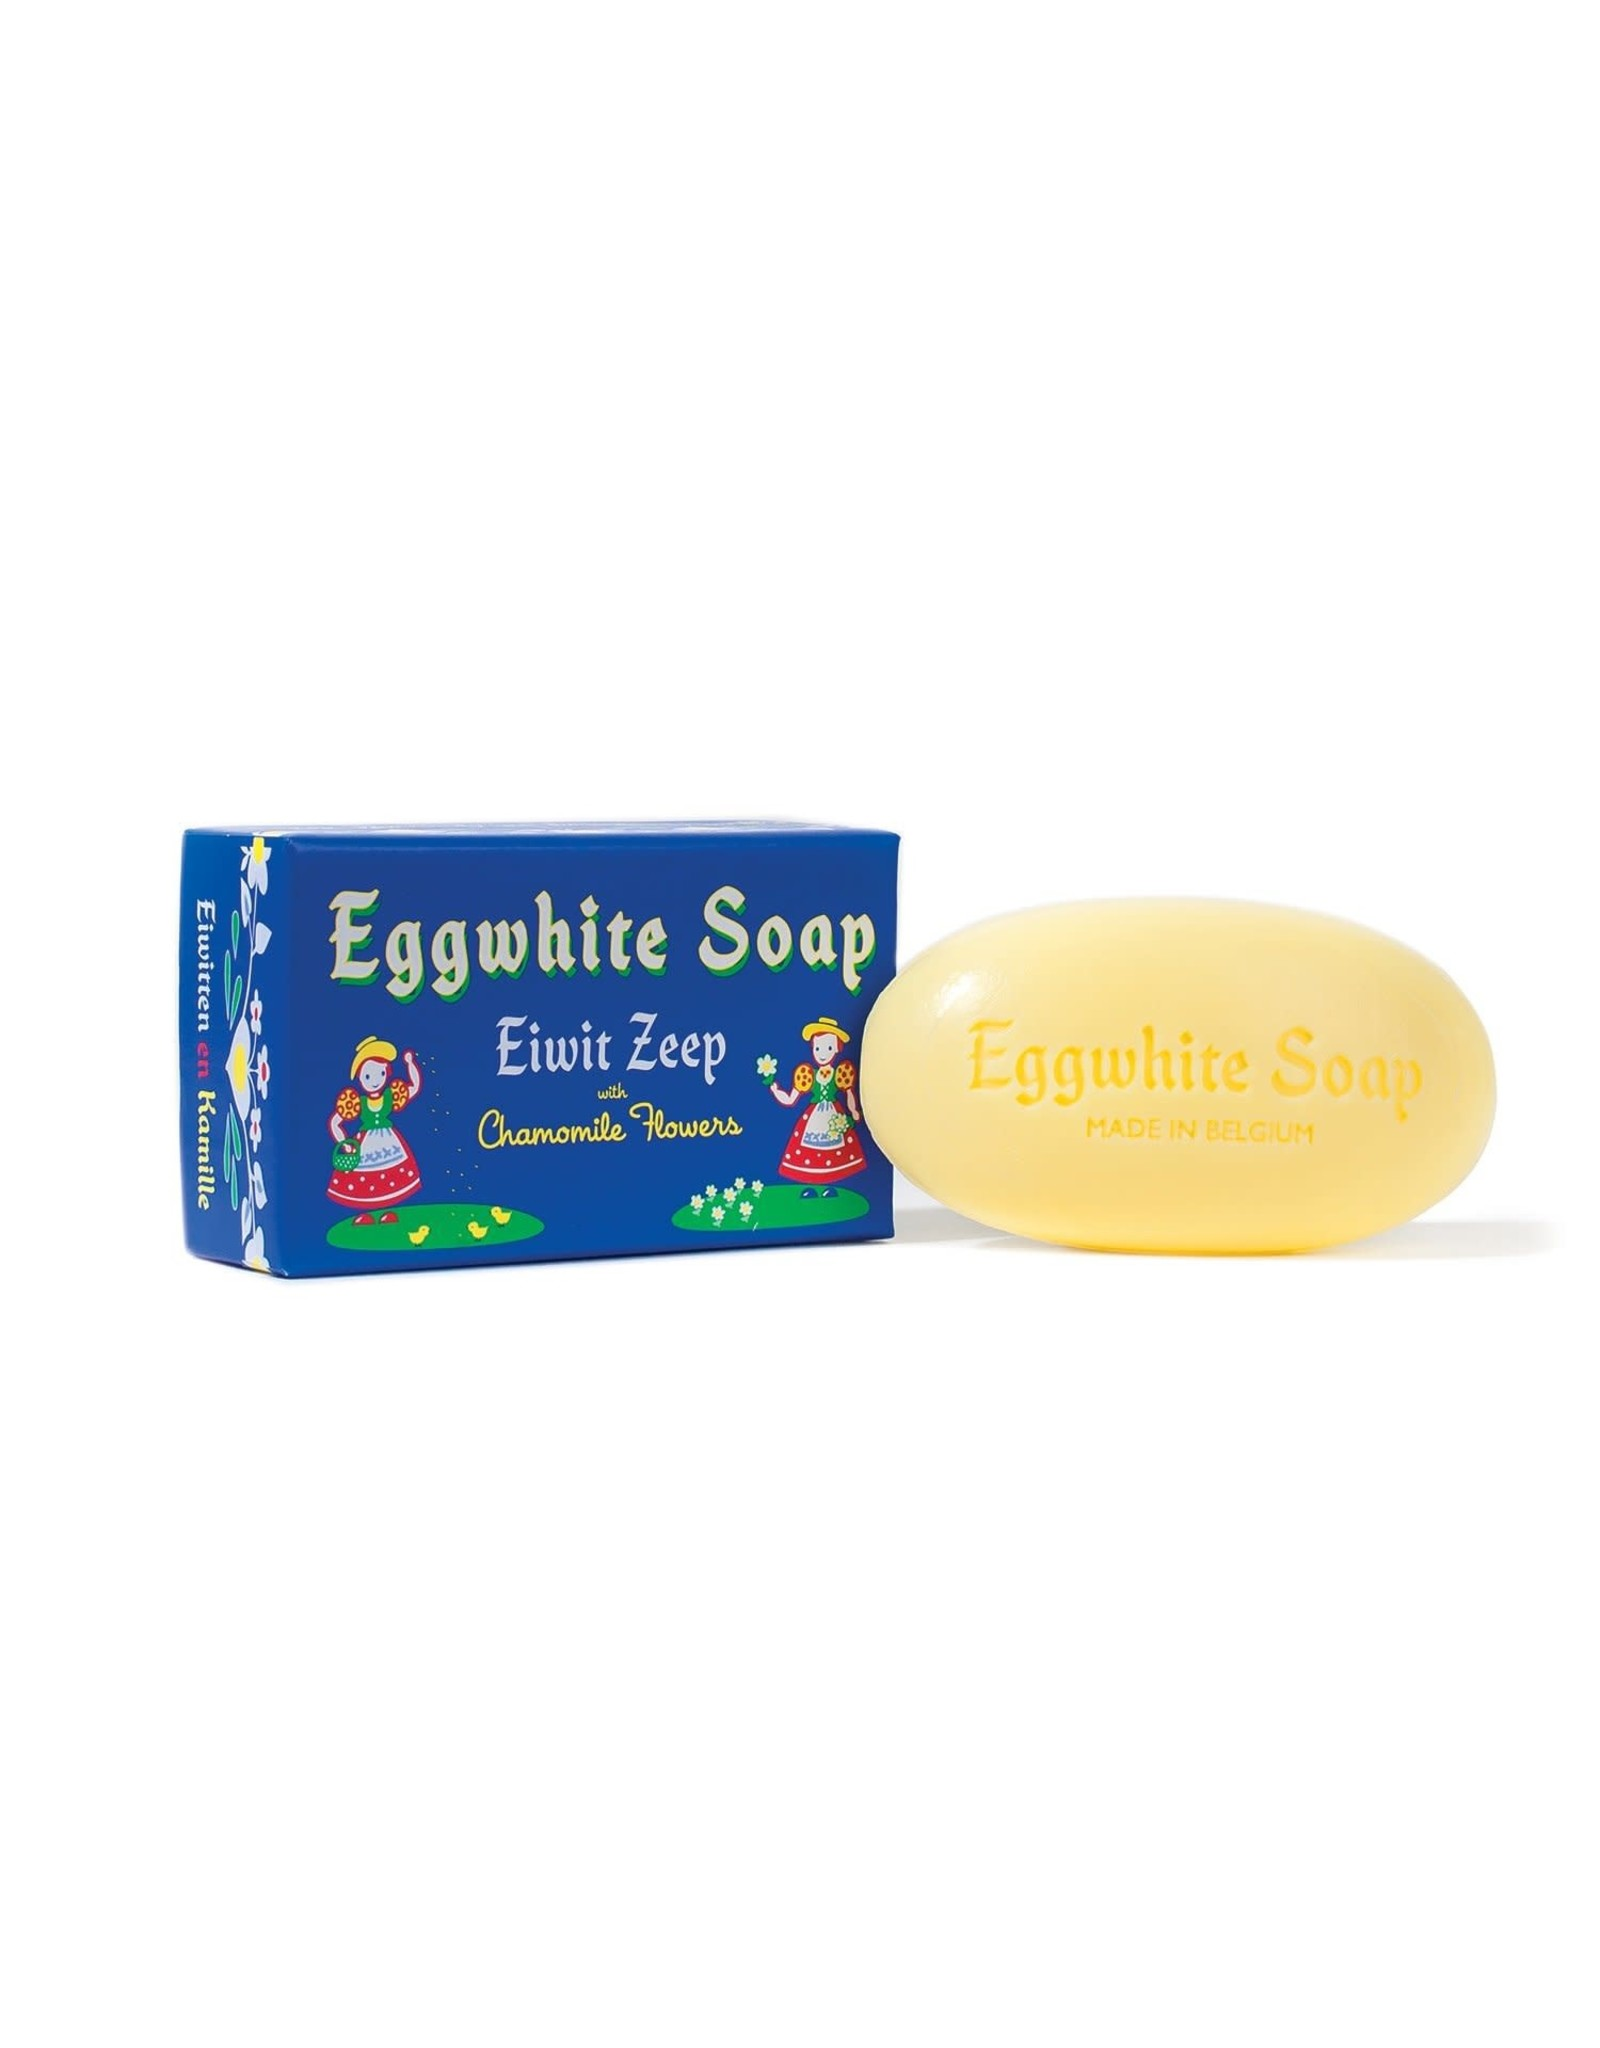 KALA CORPORATION KALA EGG WHITE SOAP